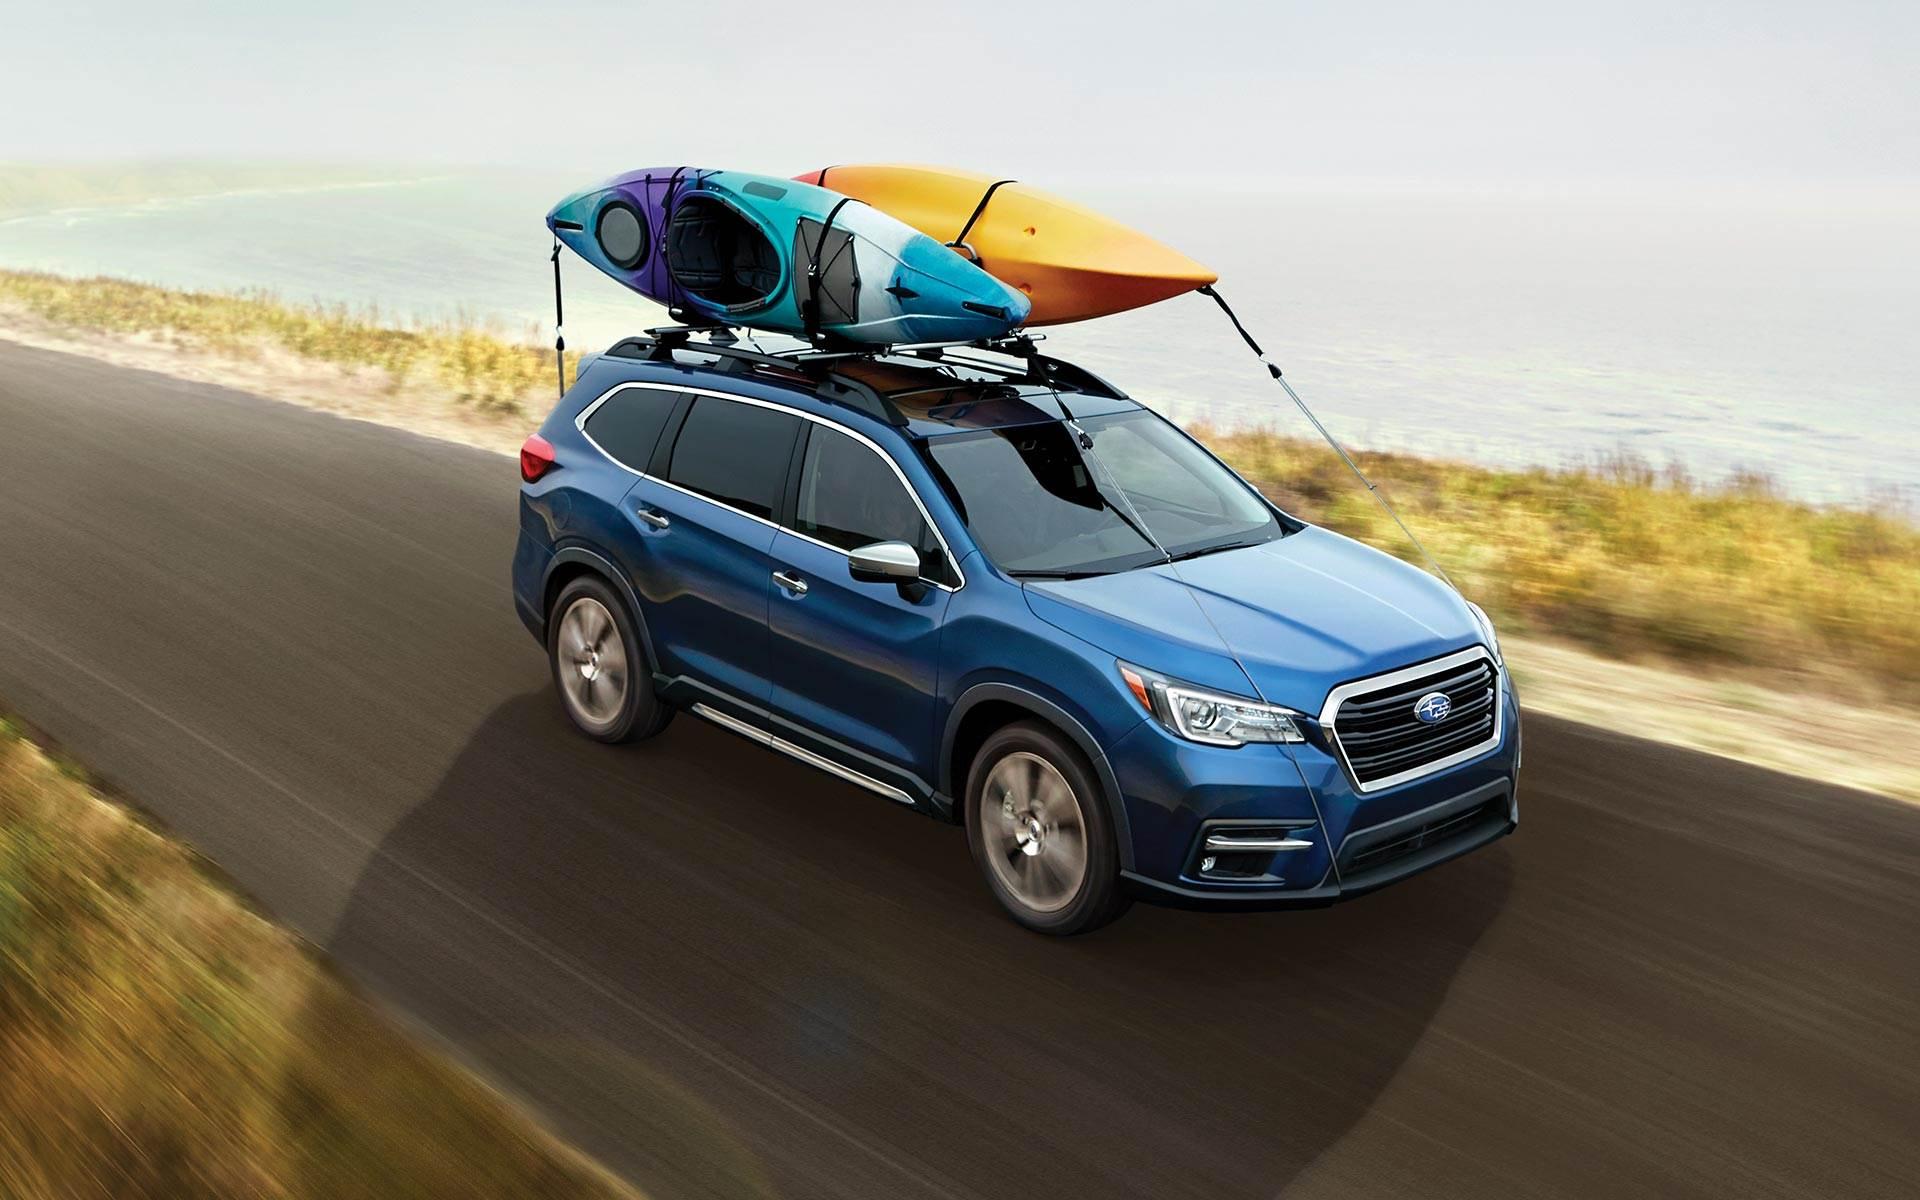 Subaru SUV